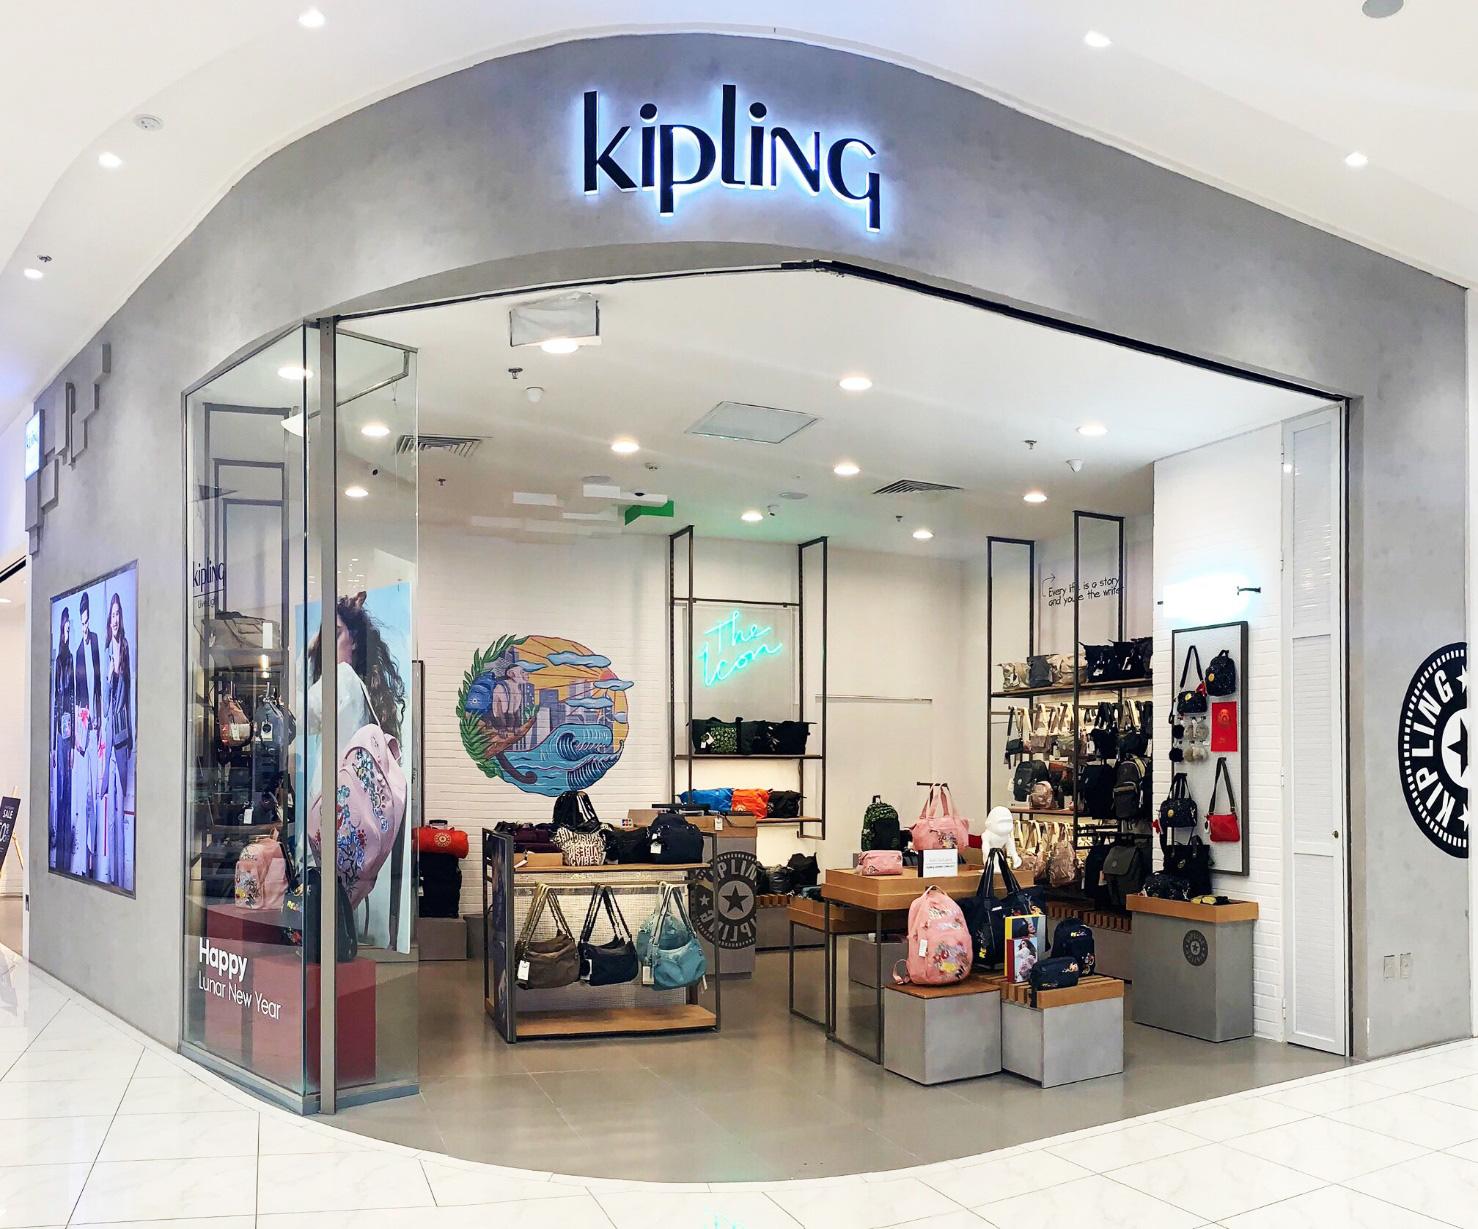 Kipling - Làn gió mới cho thời trang túi xách Việt Nam - Ảnh 4.